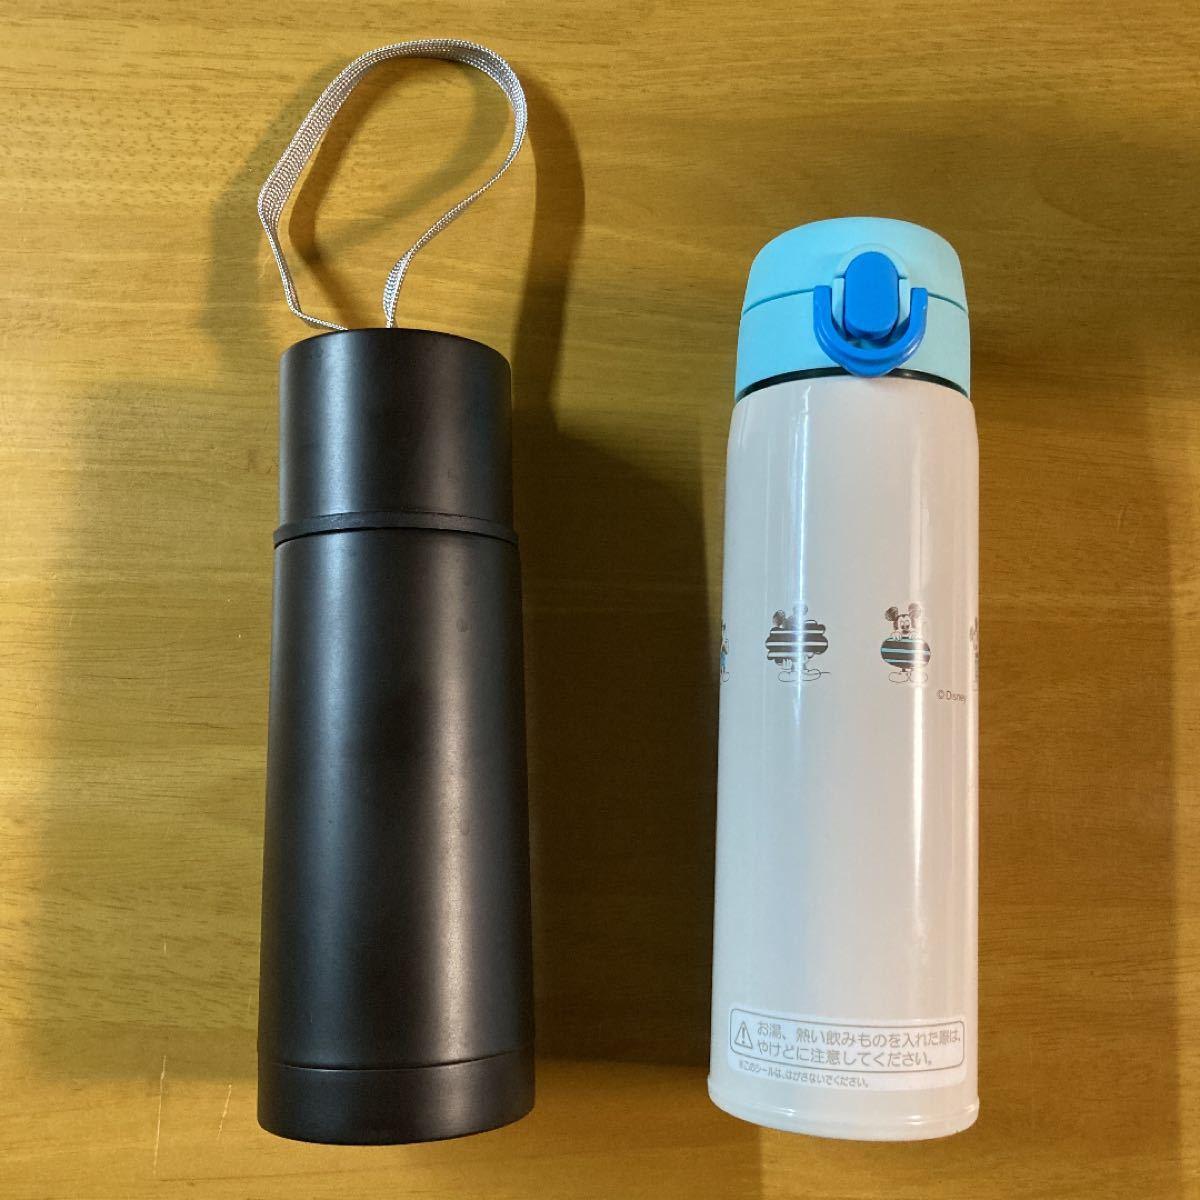 2セット 水筒 ミニボトル  THERMOS サーモス ステンレスボトル マグ マイボトル 真空断熱